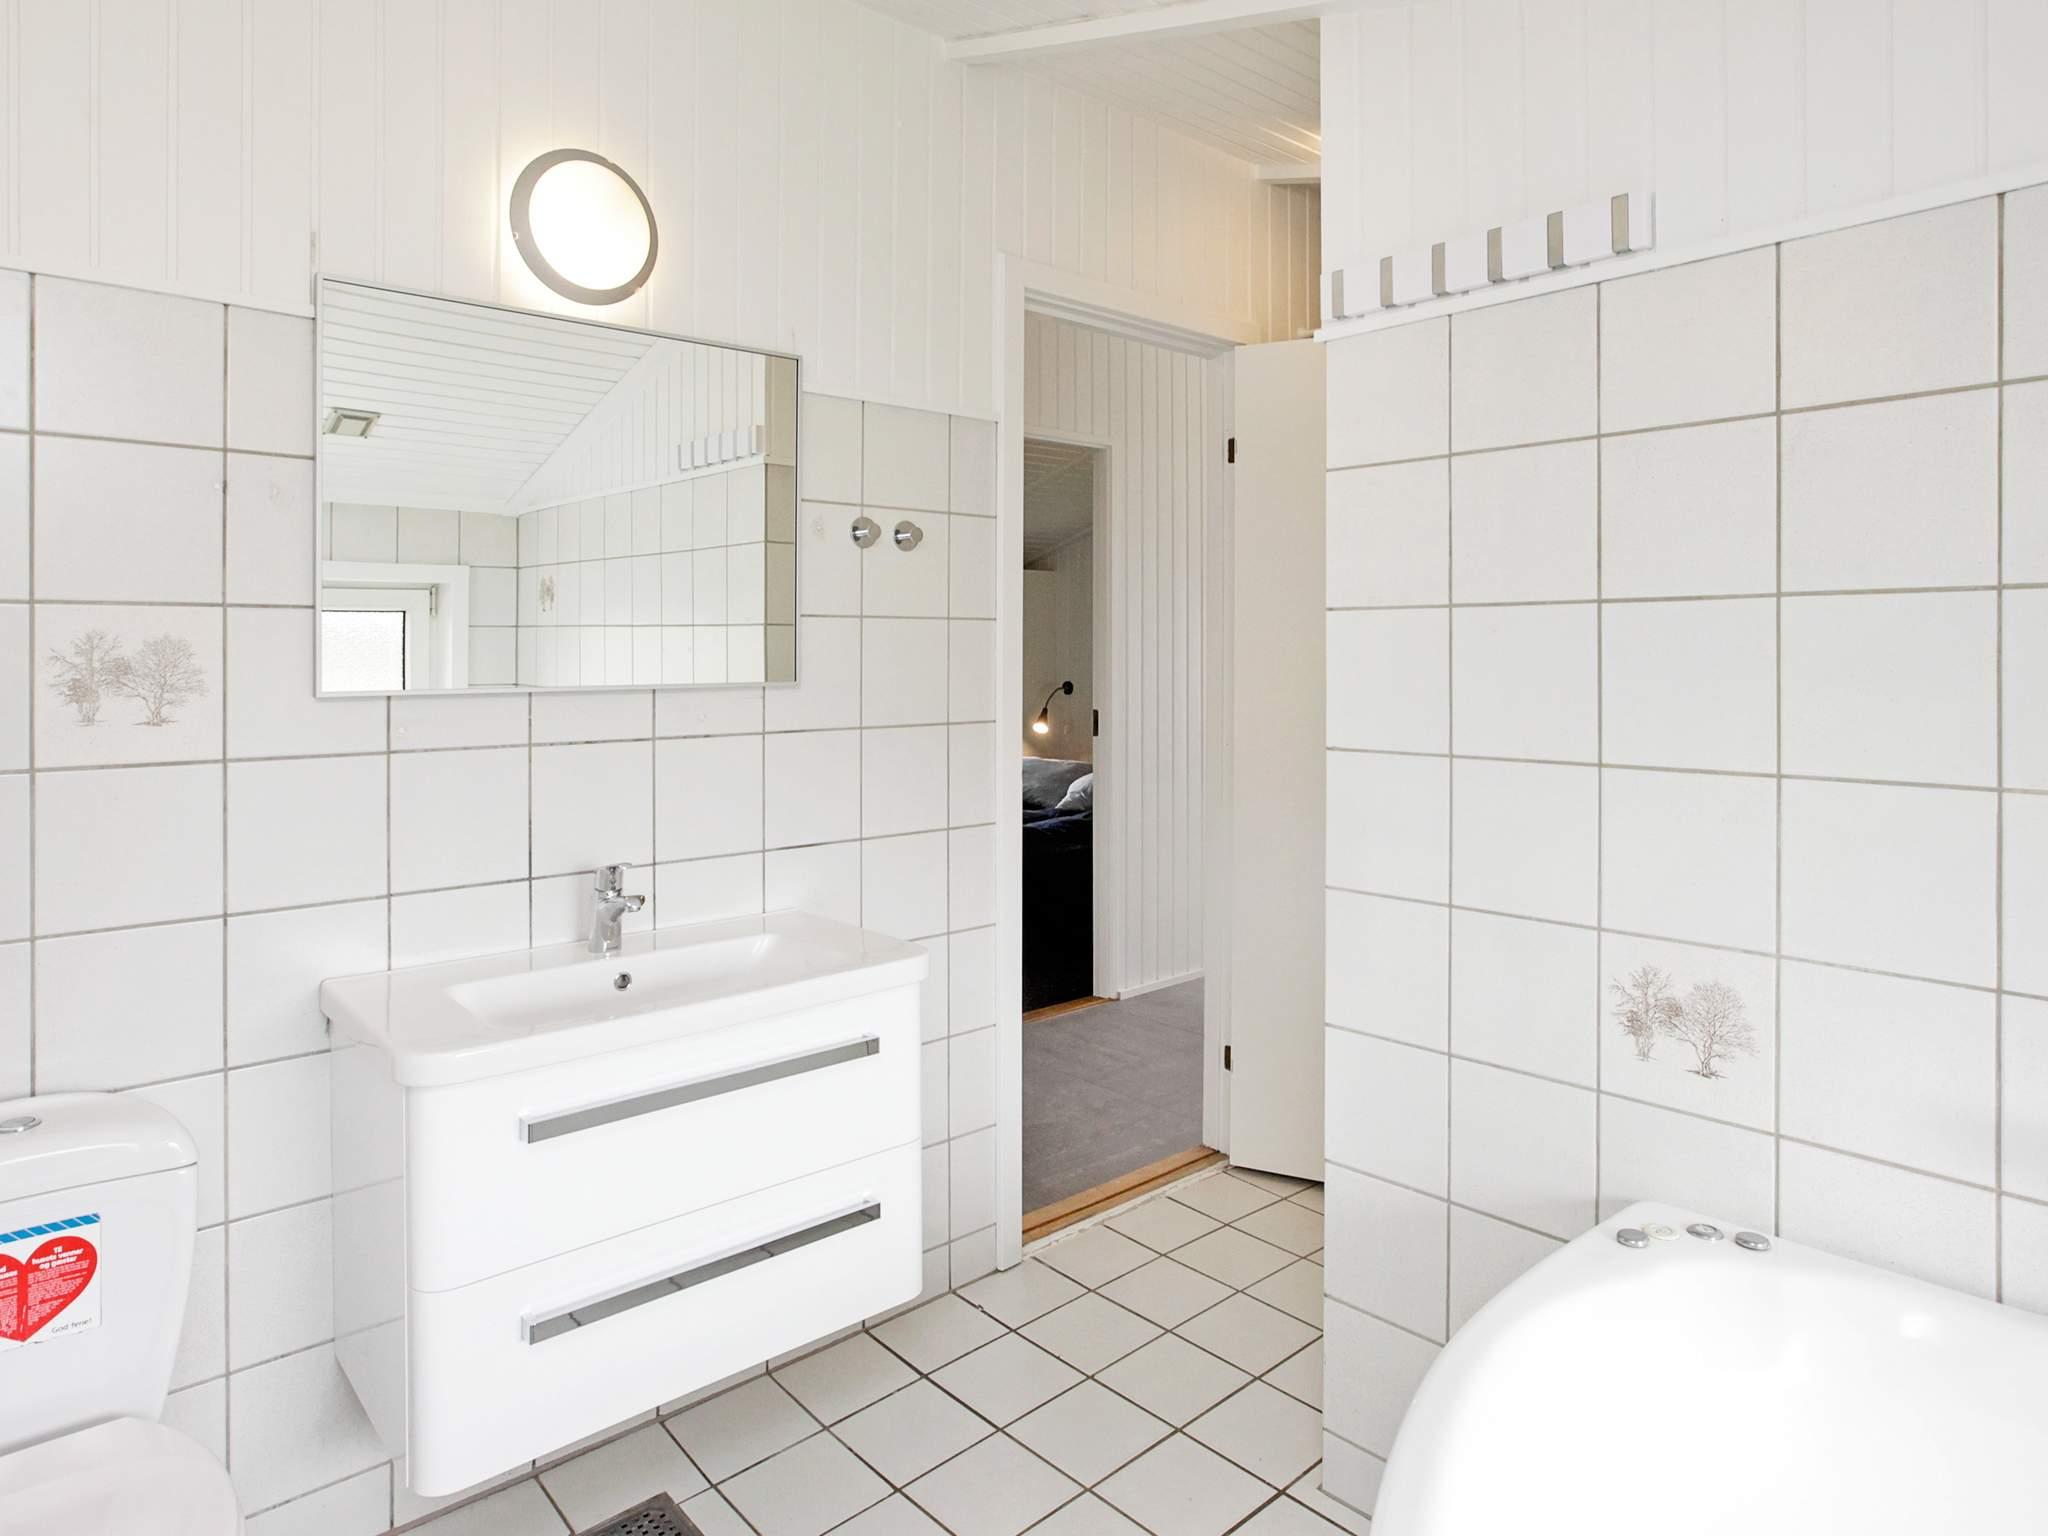 Ferienhaus Vejers Strand (84782), Vejers Strand, , Westjütland, Dänemark, Bild 13